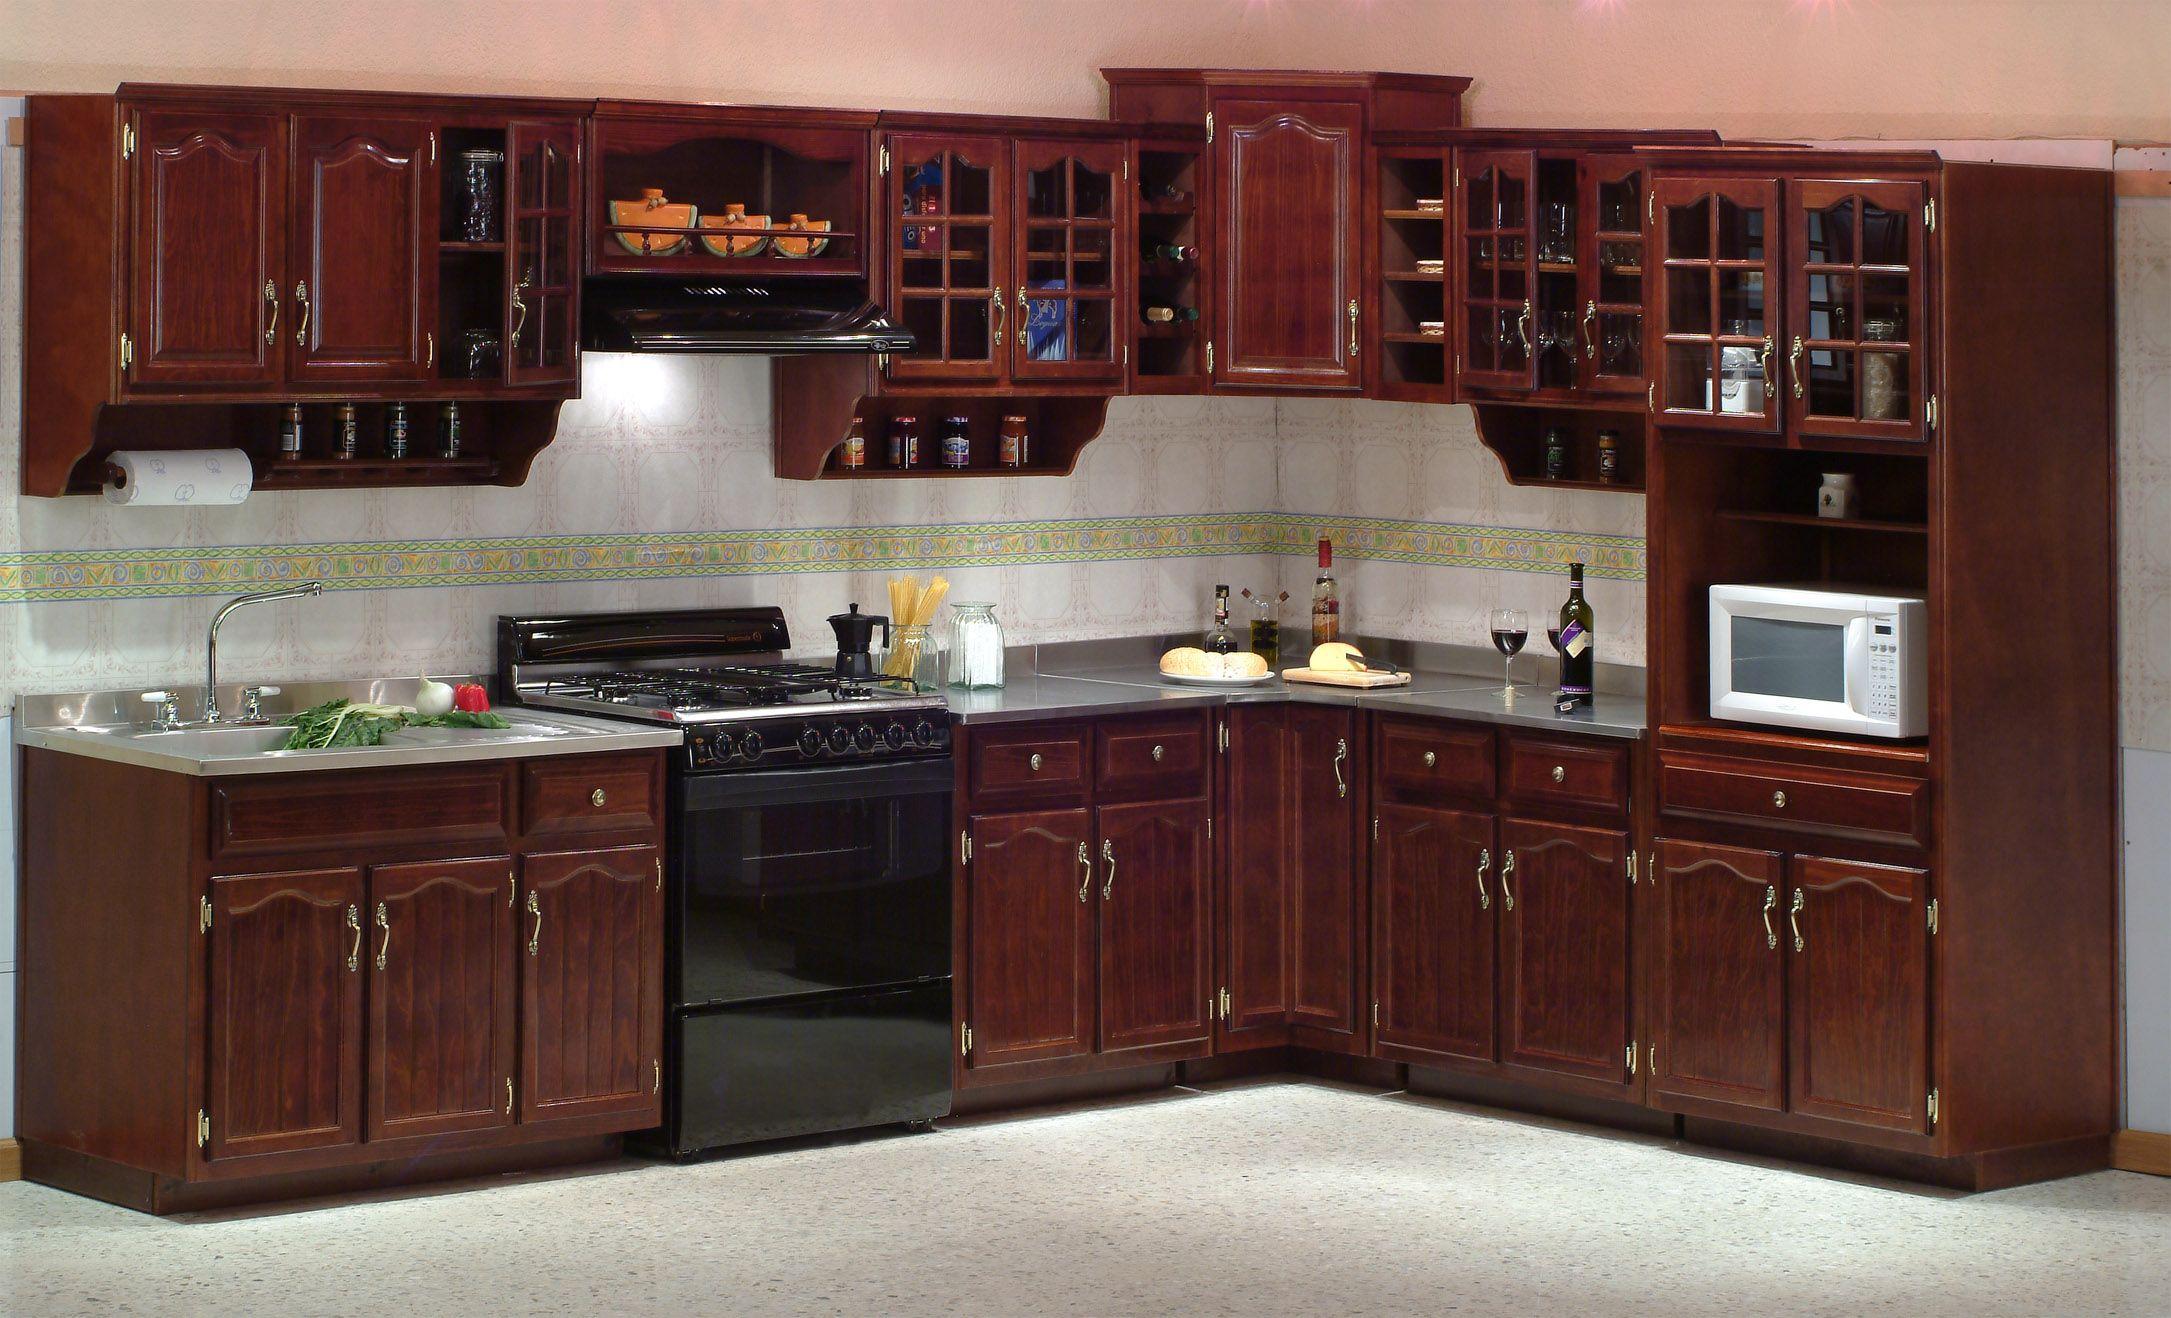 Pin de lupita ramirez em cositas pinterest cozinha for Mostrar cocinas modernas